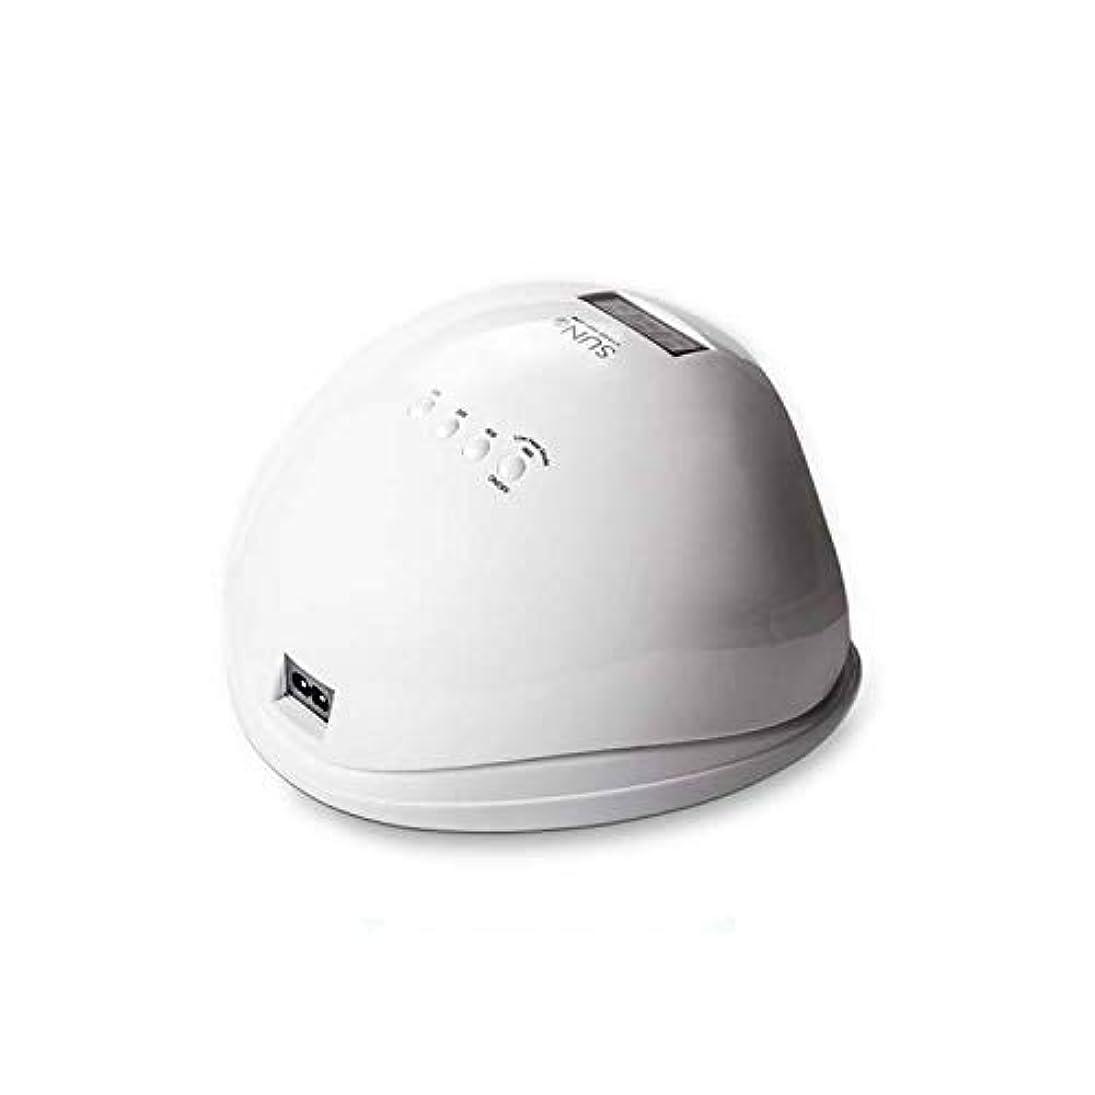 前書き一時解雇する断線ネイルドライヤーネイルランプUV LEDジェルポリッシュ2光源4タイマーオートセンサーデジタルディスプレイ